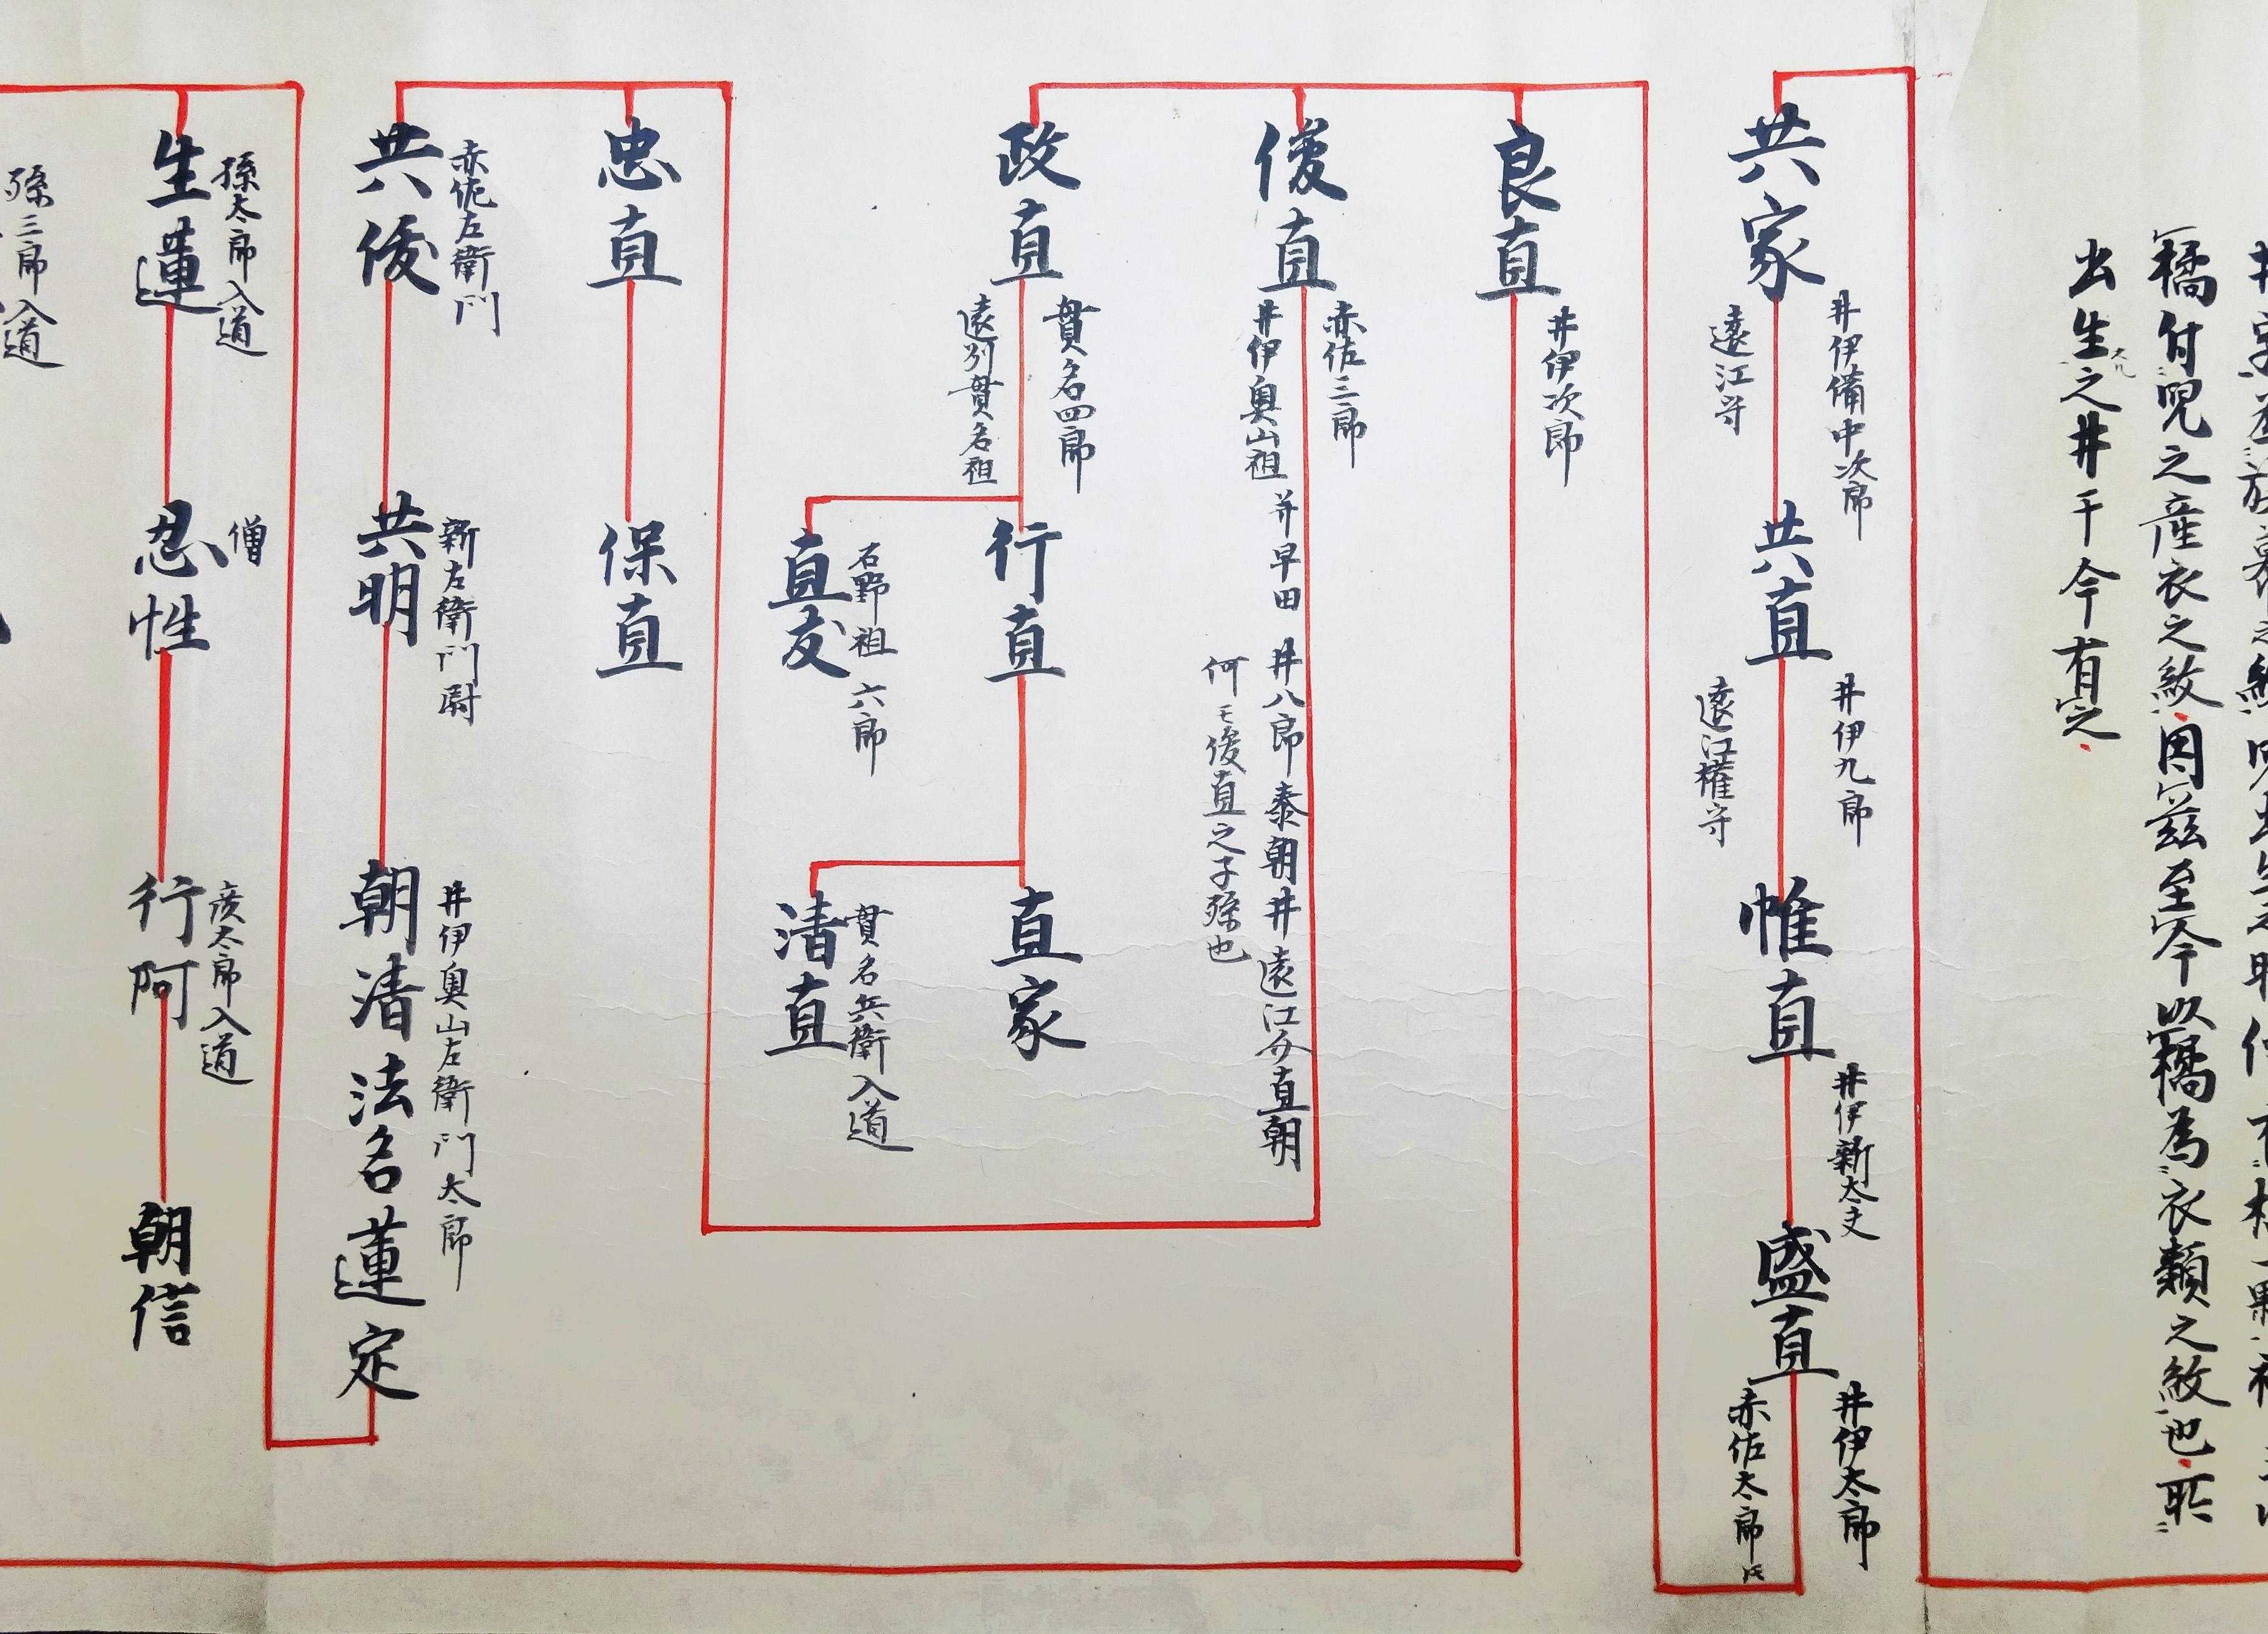 井伊氏族系図伝記2